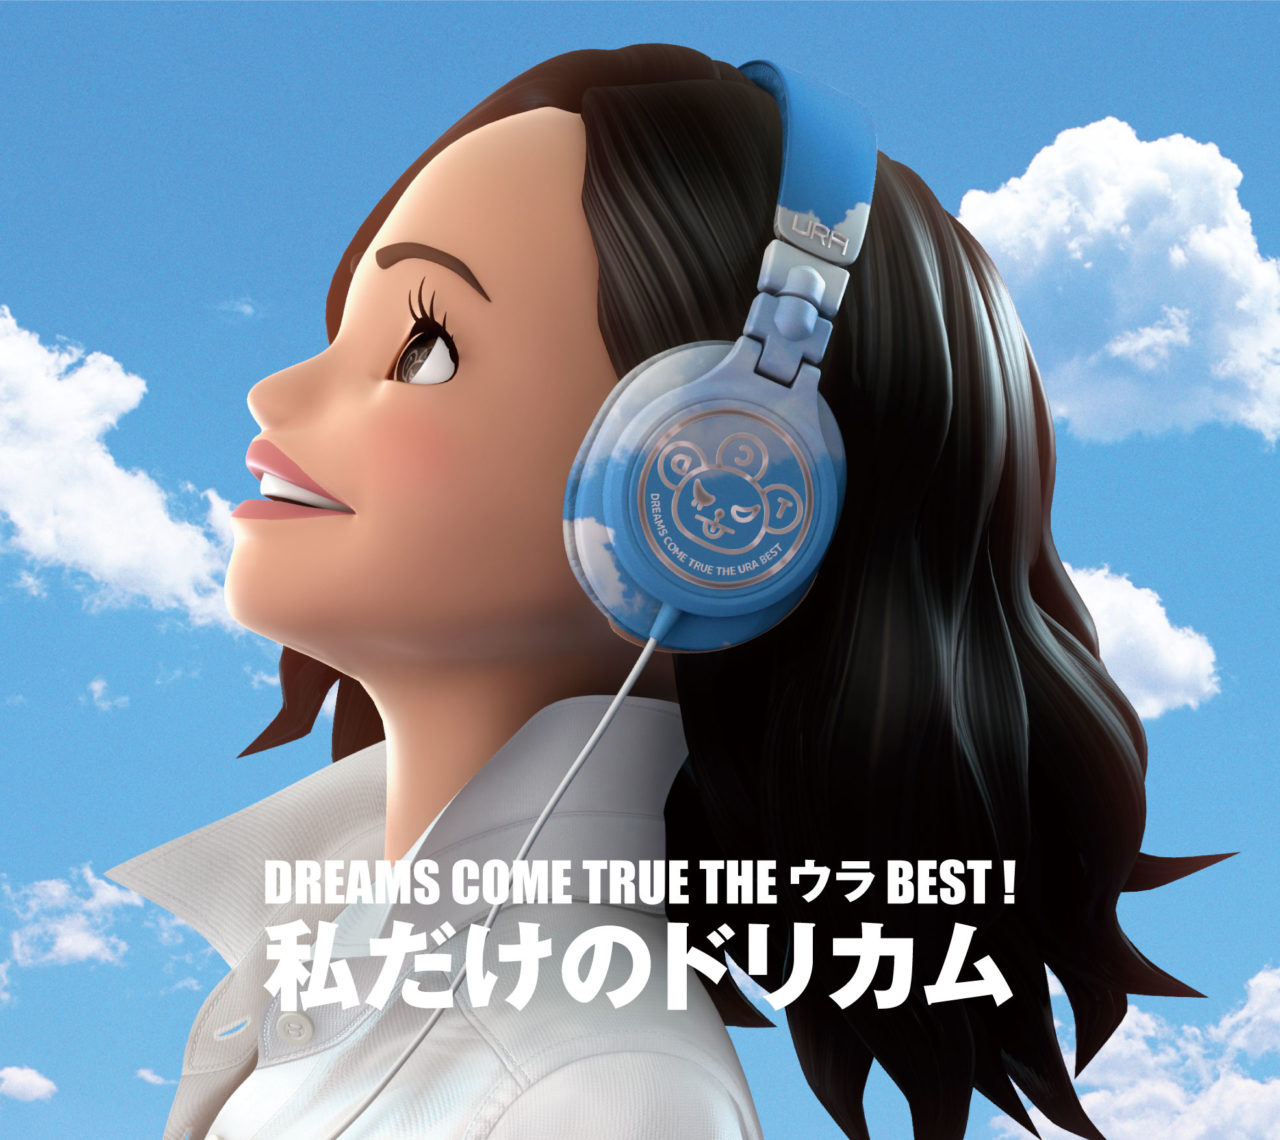 裏ベストアルバム「私だけのドリカム」がついに発売!発売記念ライブも開催決定!